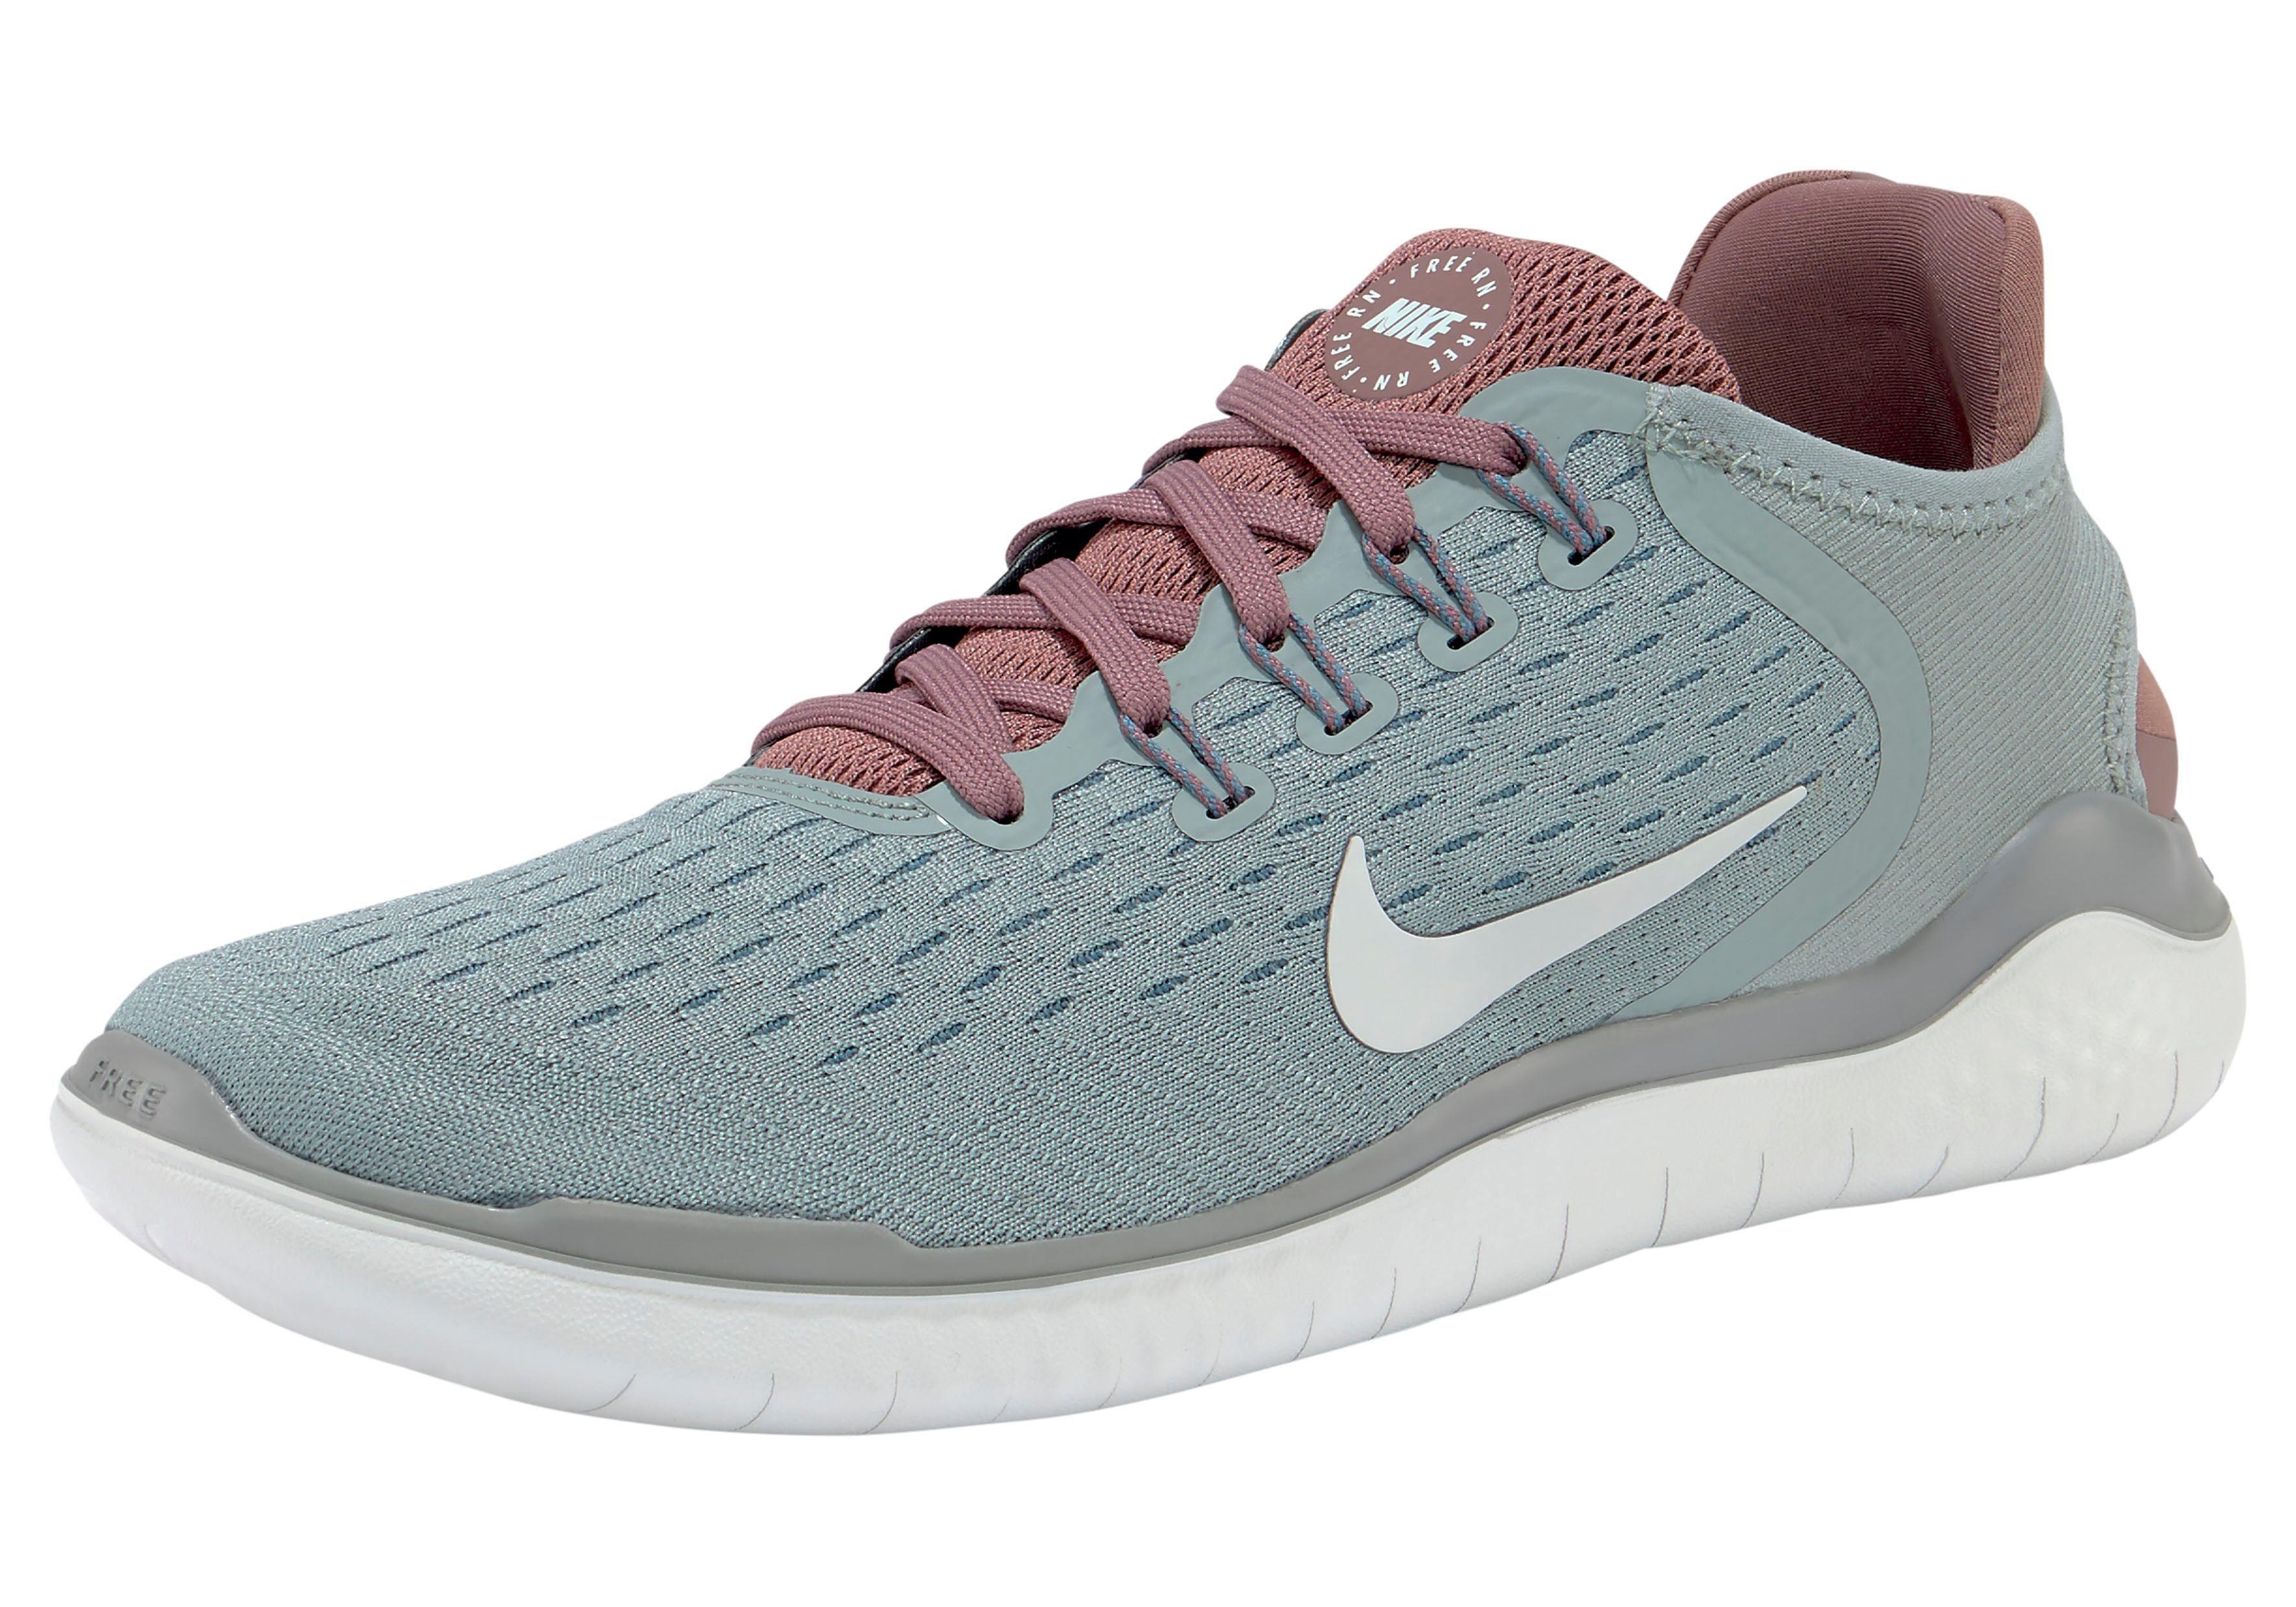 Nike »Wmns Free Run 2018« Laufschuh, Ultra leichter Laufschuh von Nike  online kaufen | OTTO